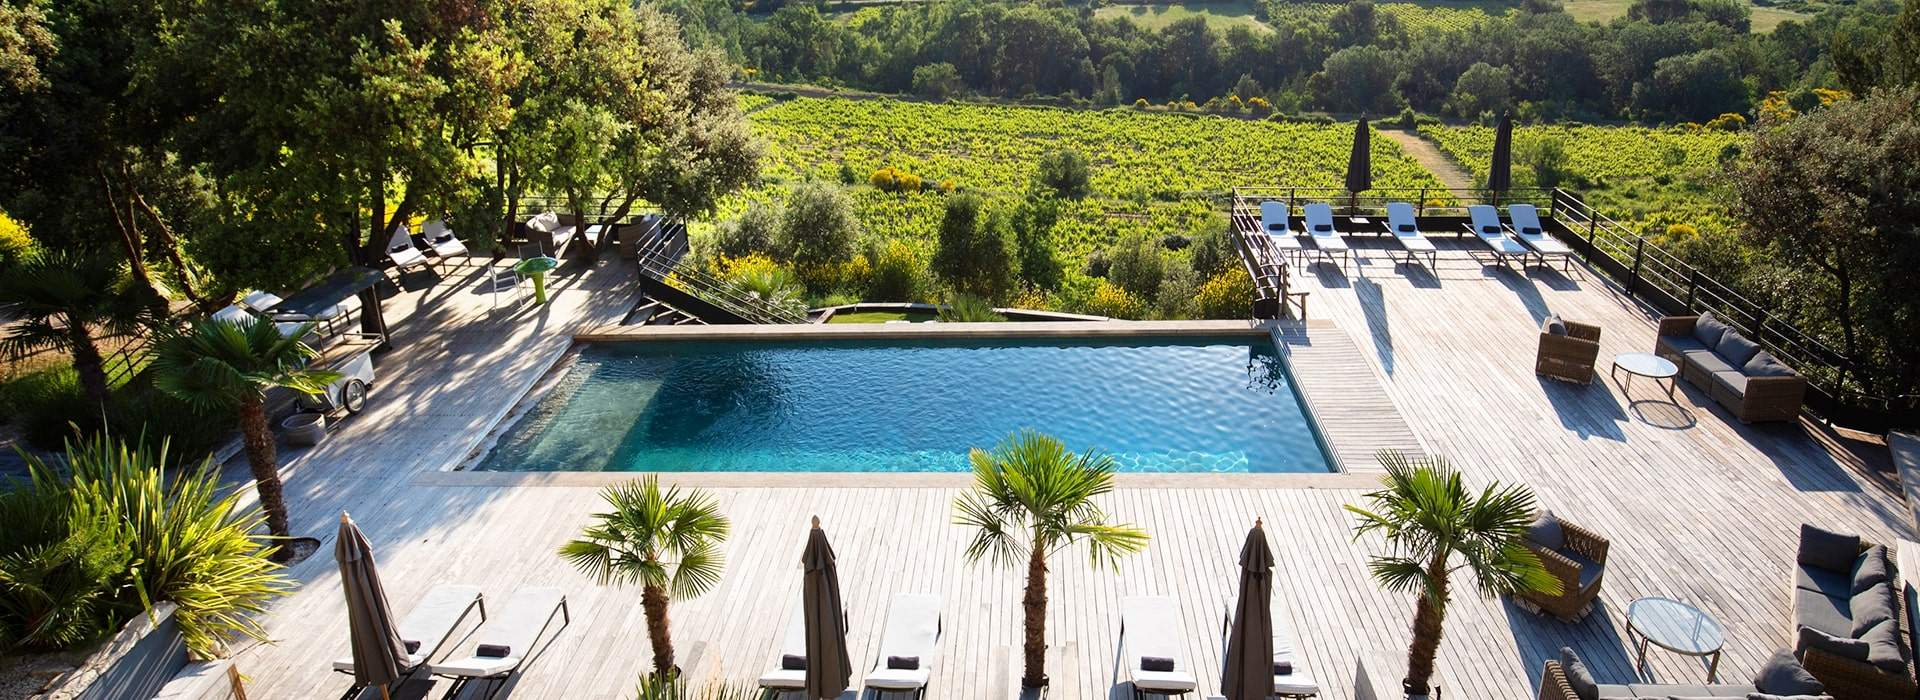 Hôtel de charme avec piscine Crillon-le-Brave Mont Ventoux